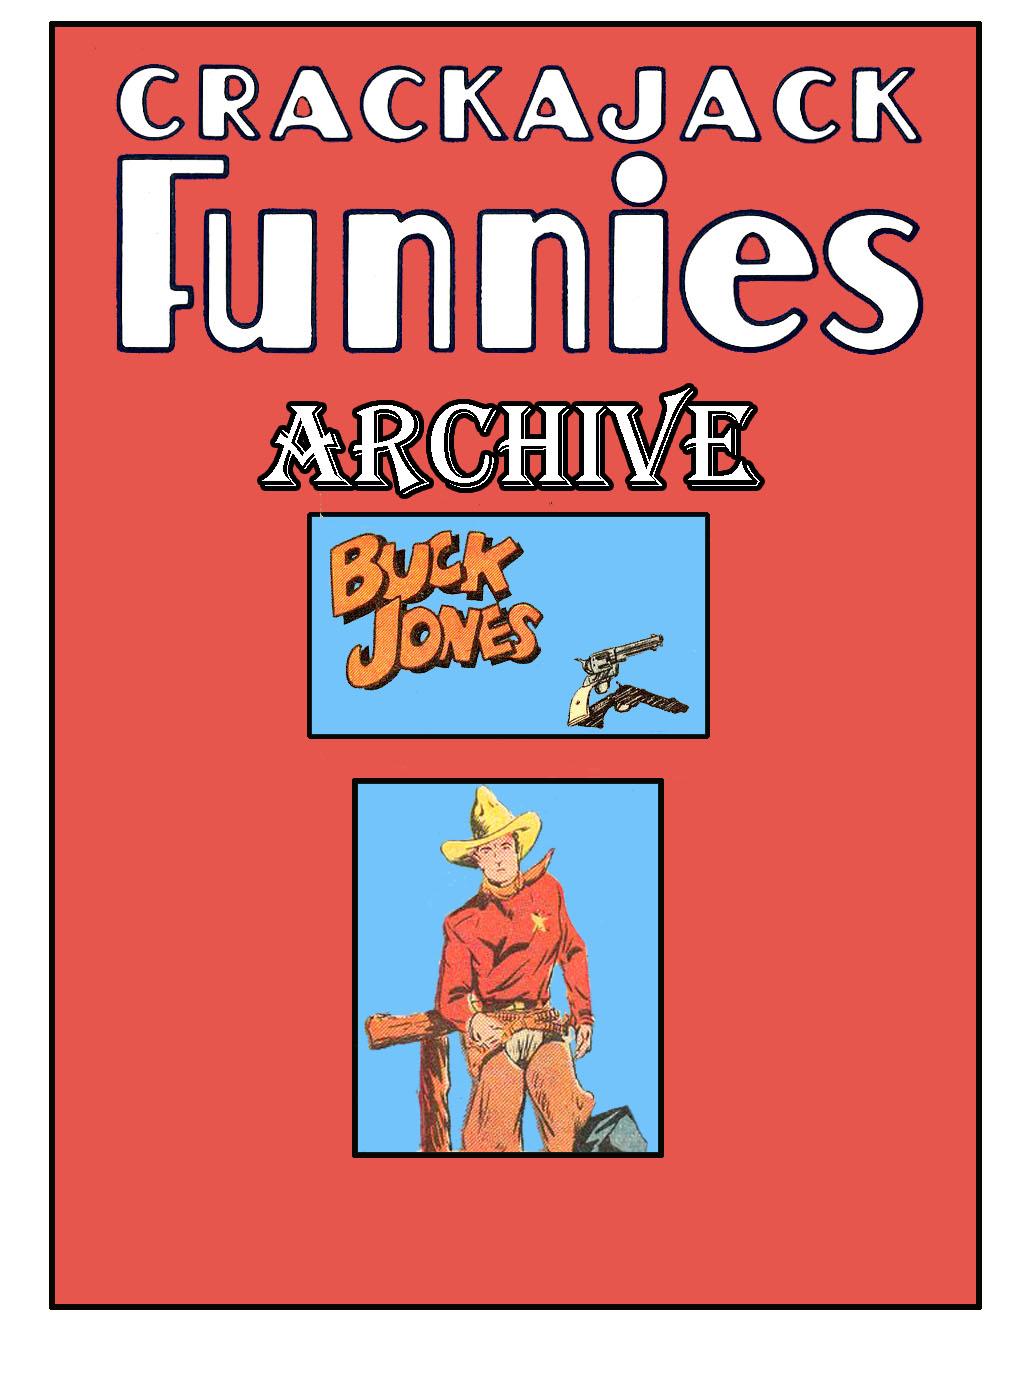 Comic Book Cover For Buck Jones Stories - Crackajack Archive